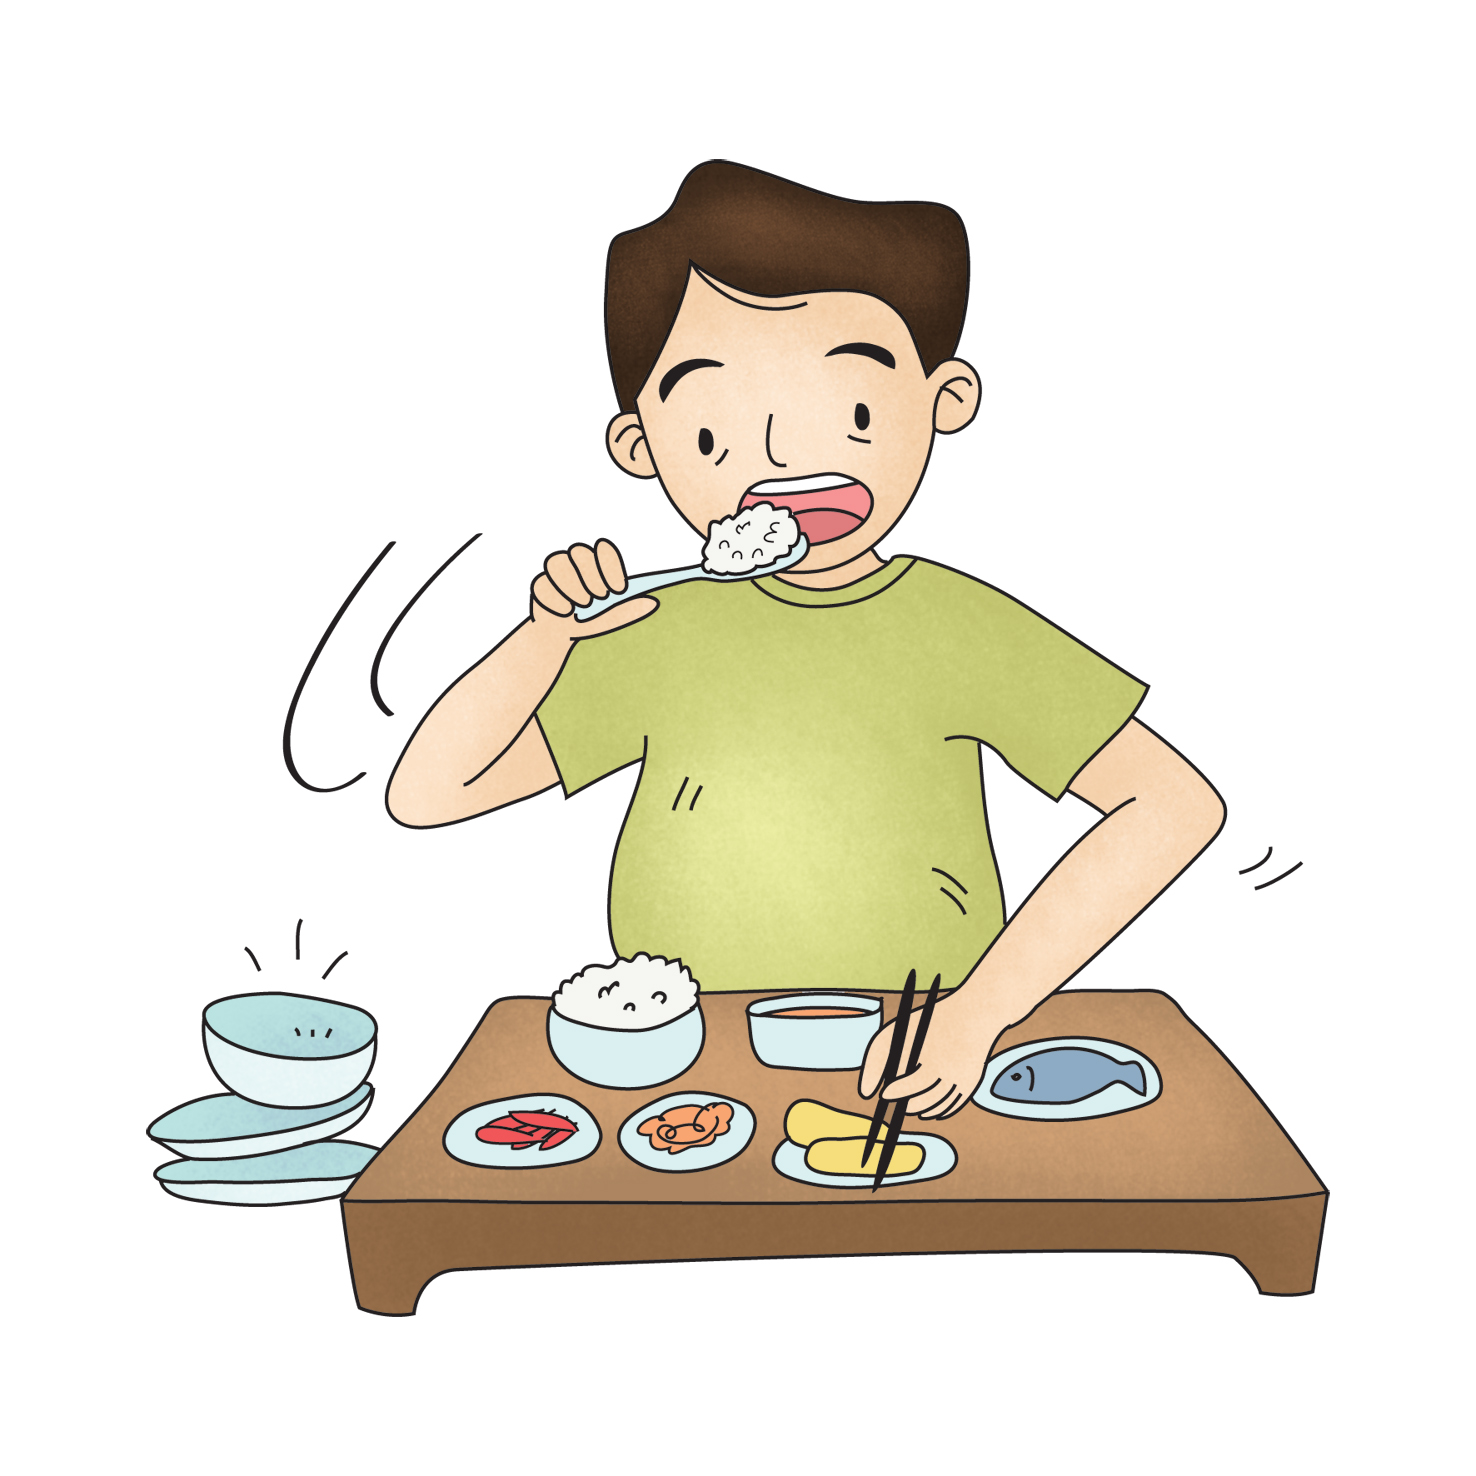 다양한 음식들로 한끼 식사를 하고 있는 남성